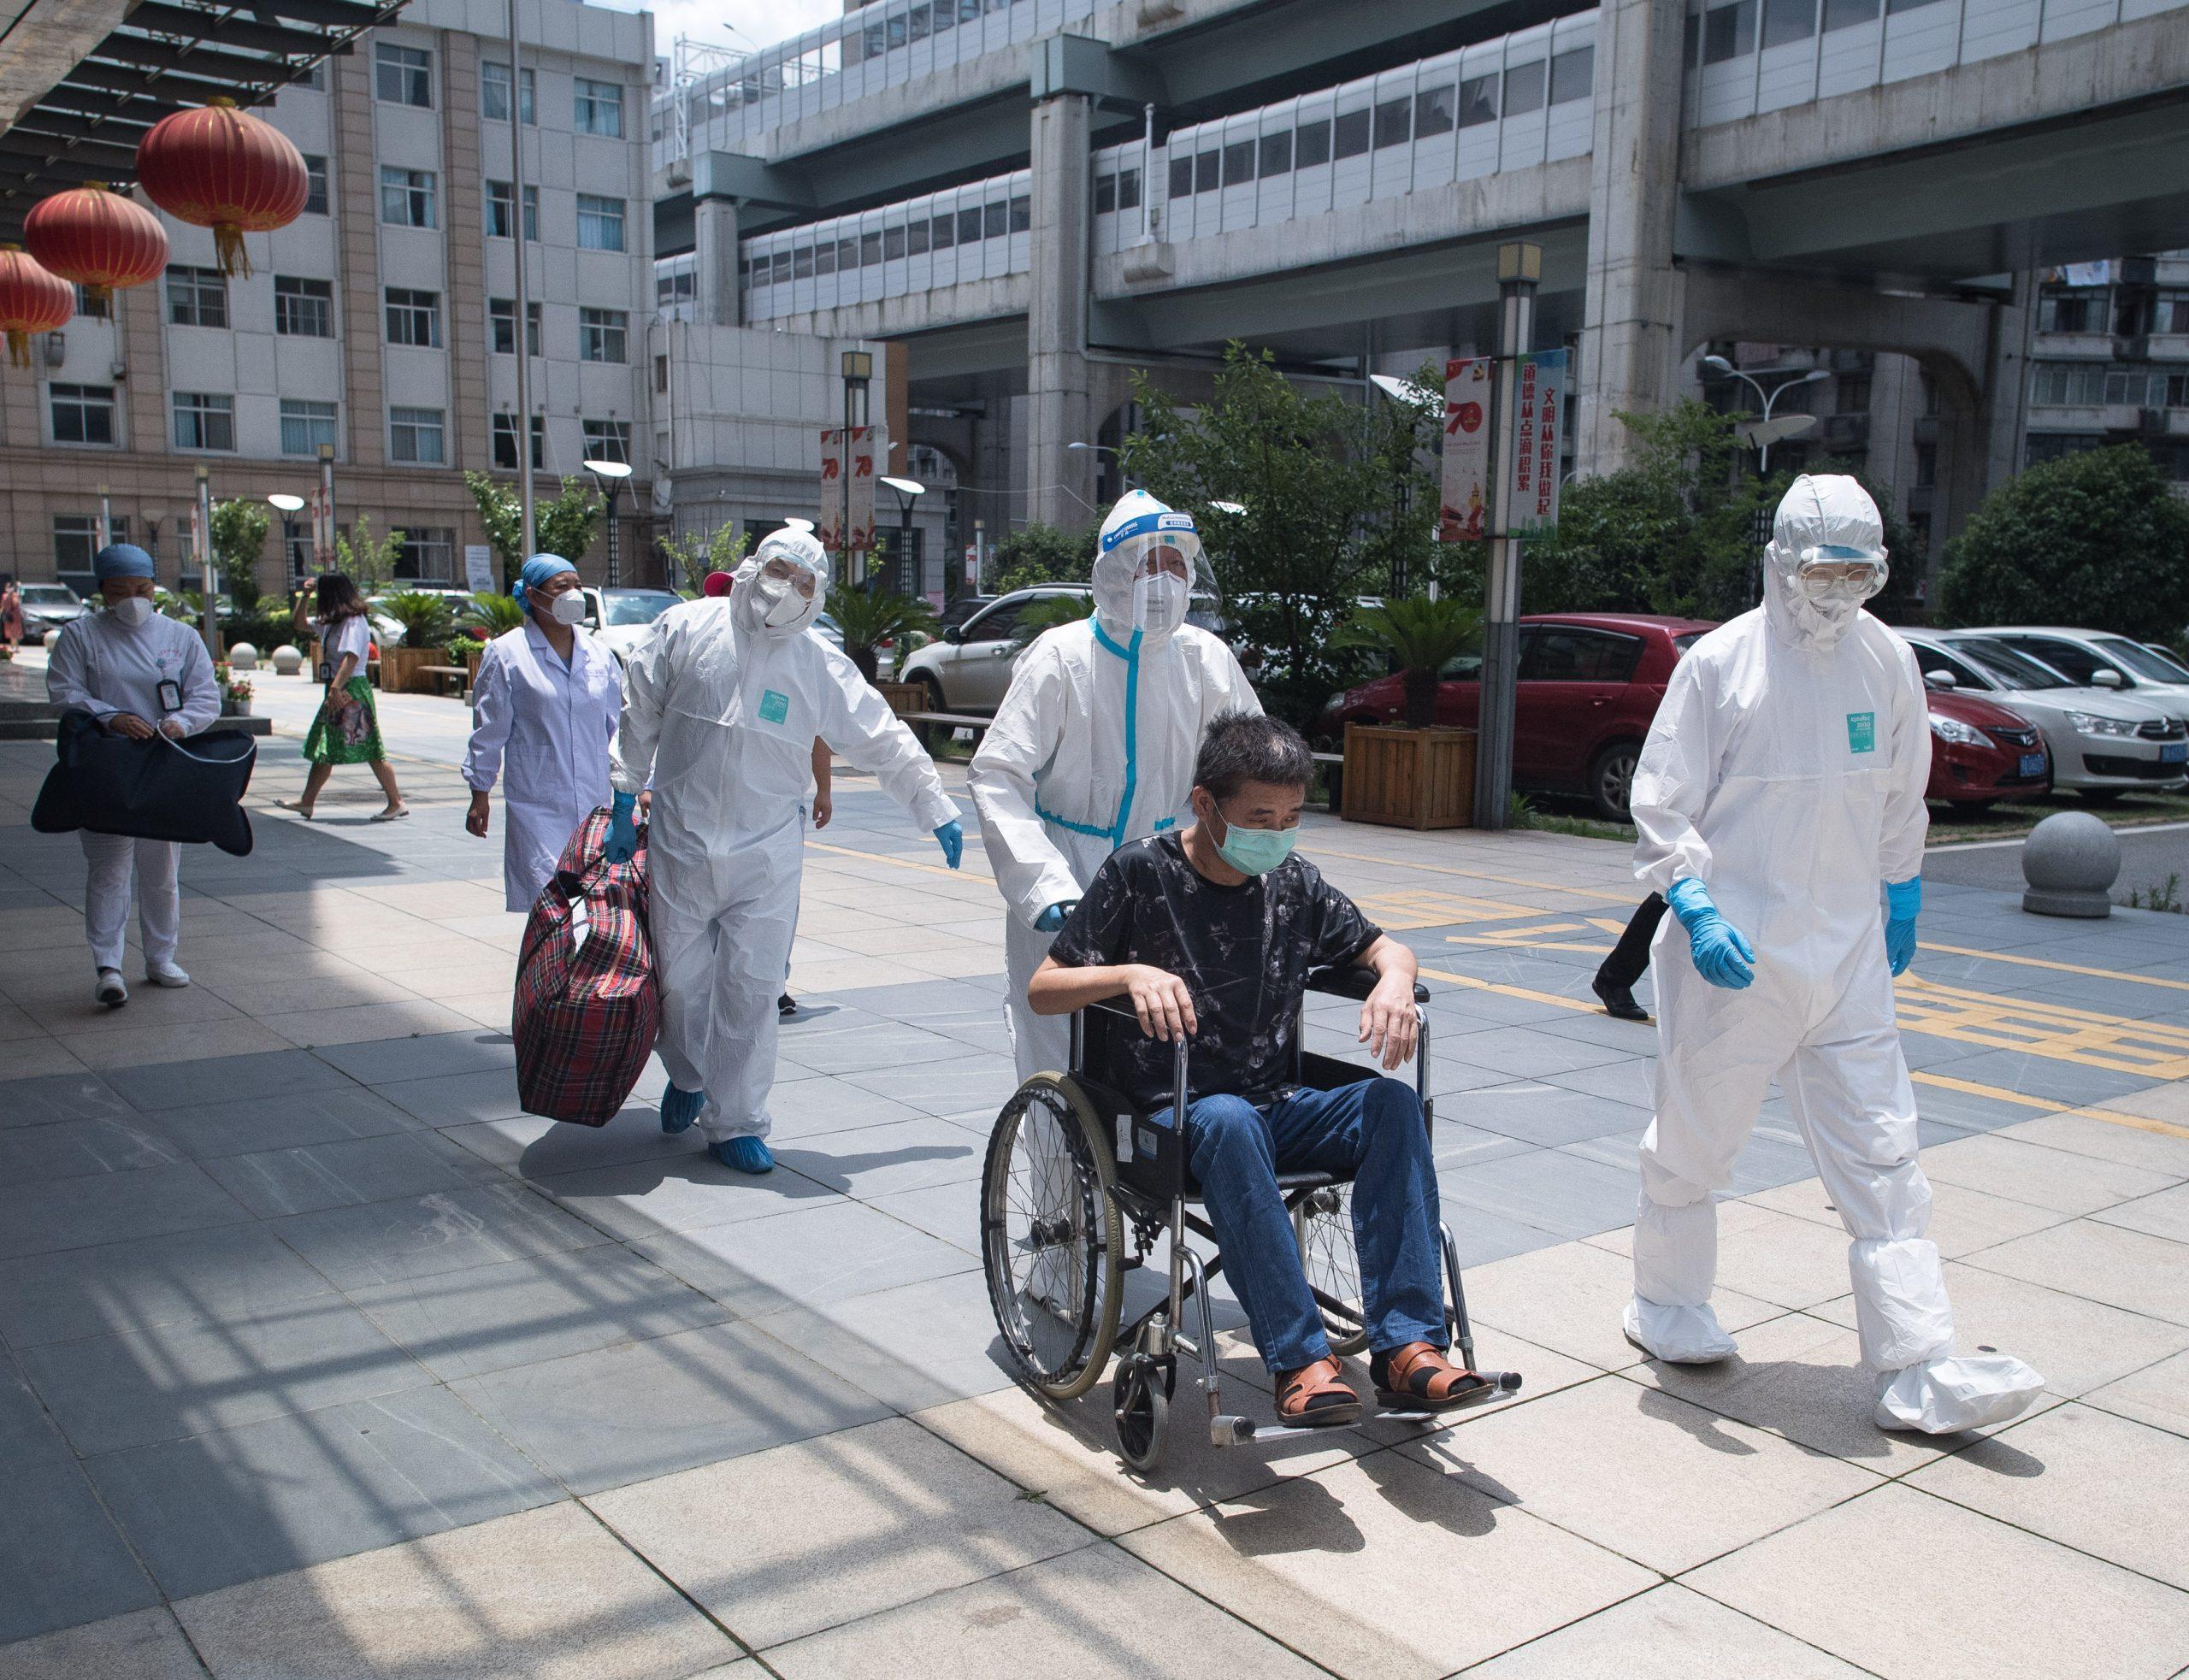 Dan de alta a 28 pacientes de COVID-19 en parte continental de China